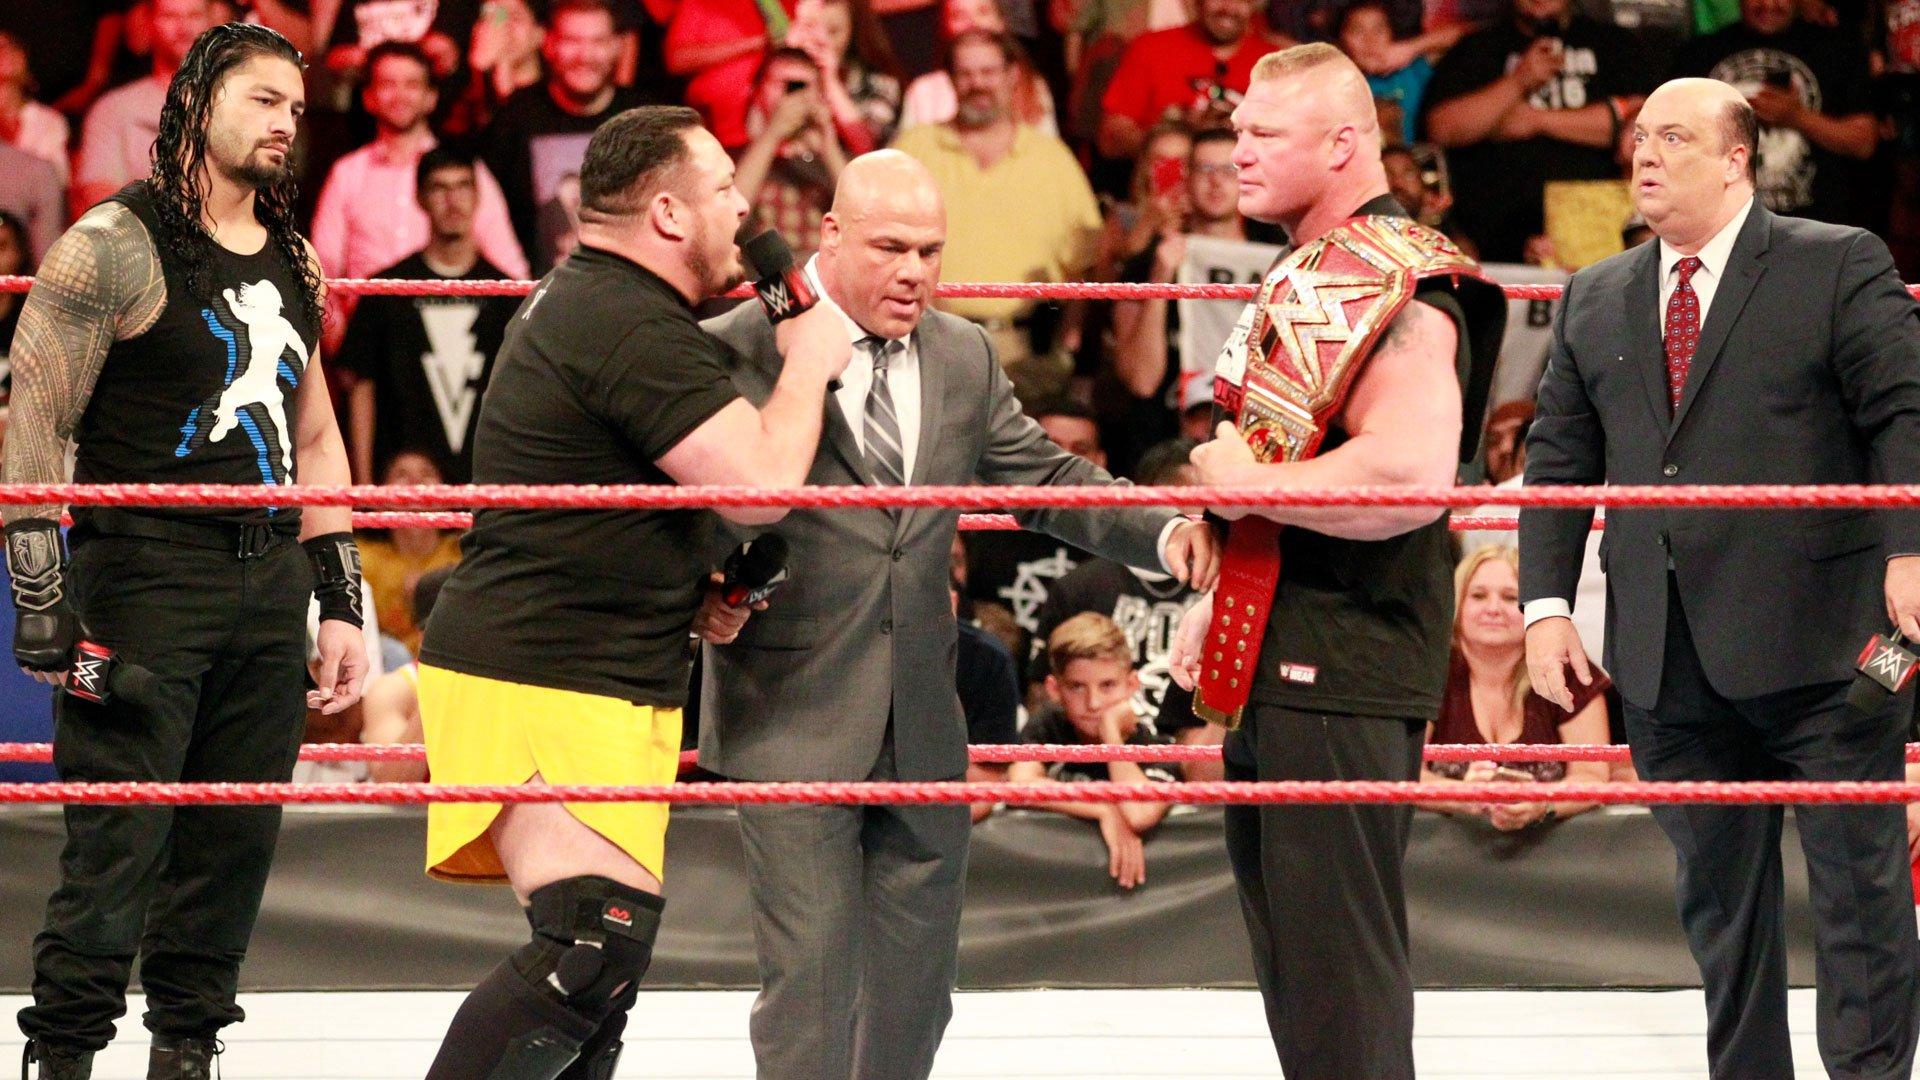 Kto stanie przed Brockiem Lesnarem na SummerSlam?: Raw 10.07.17